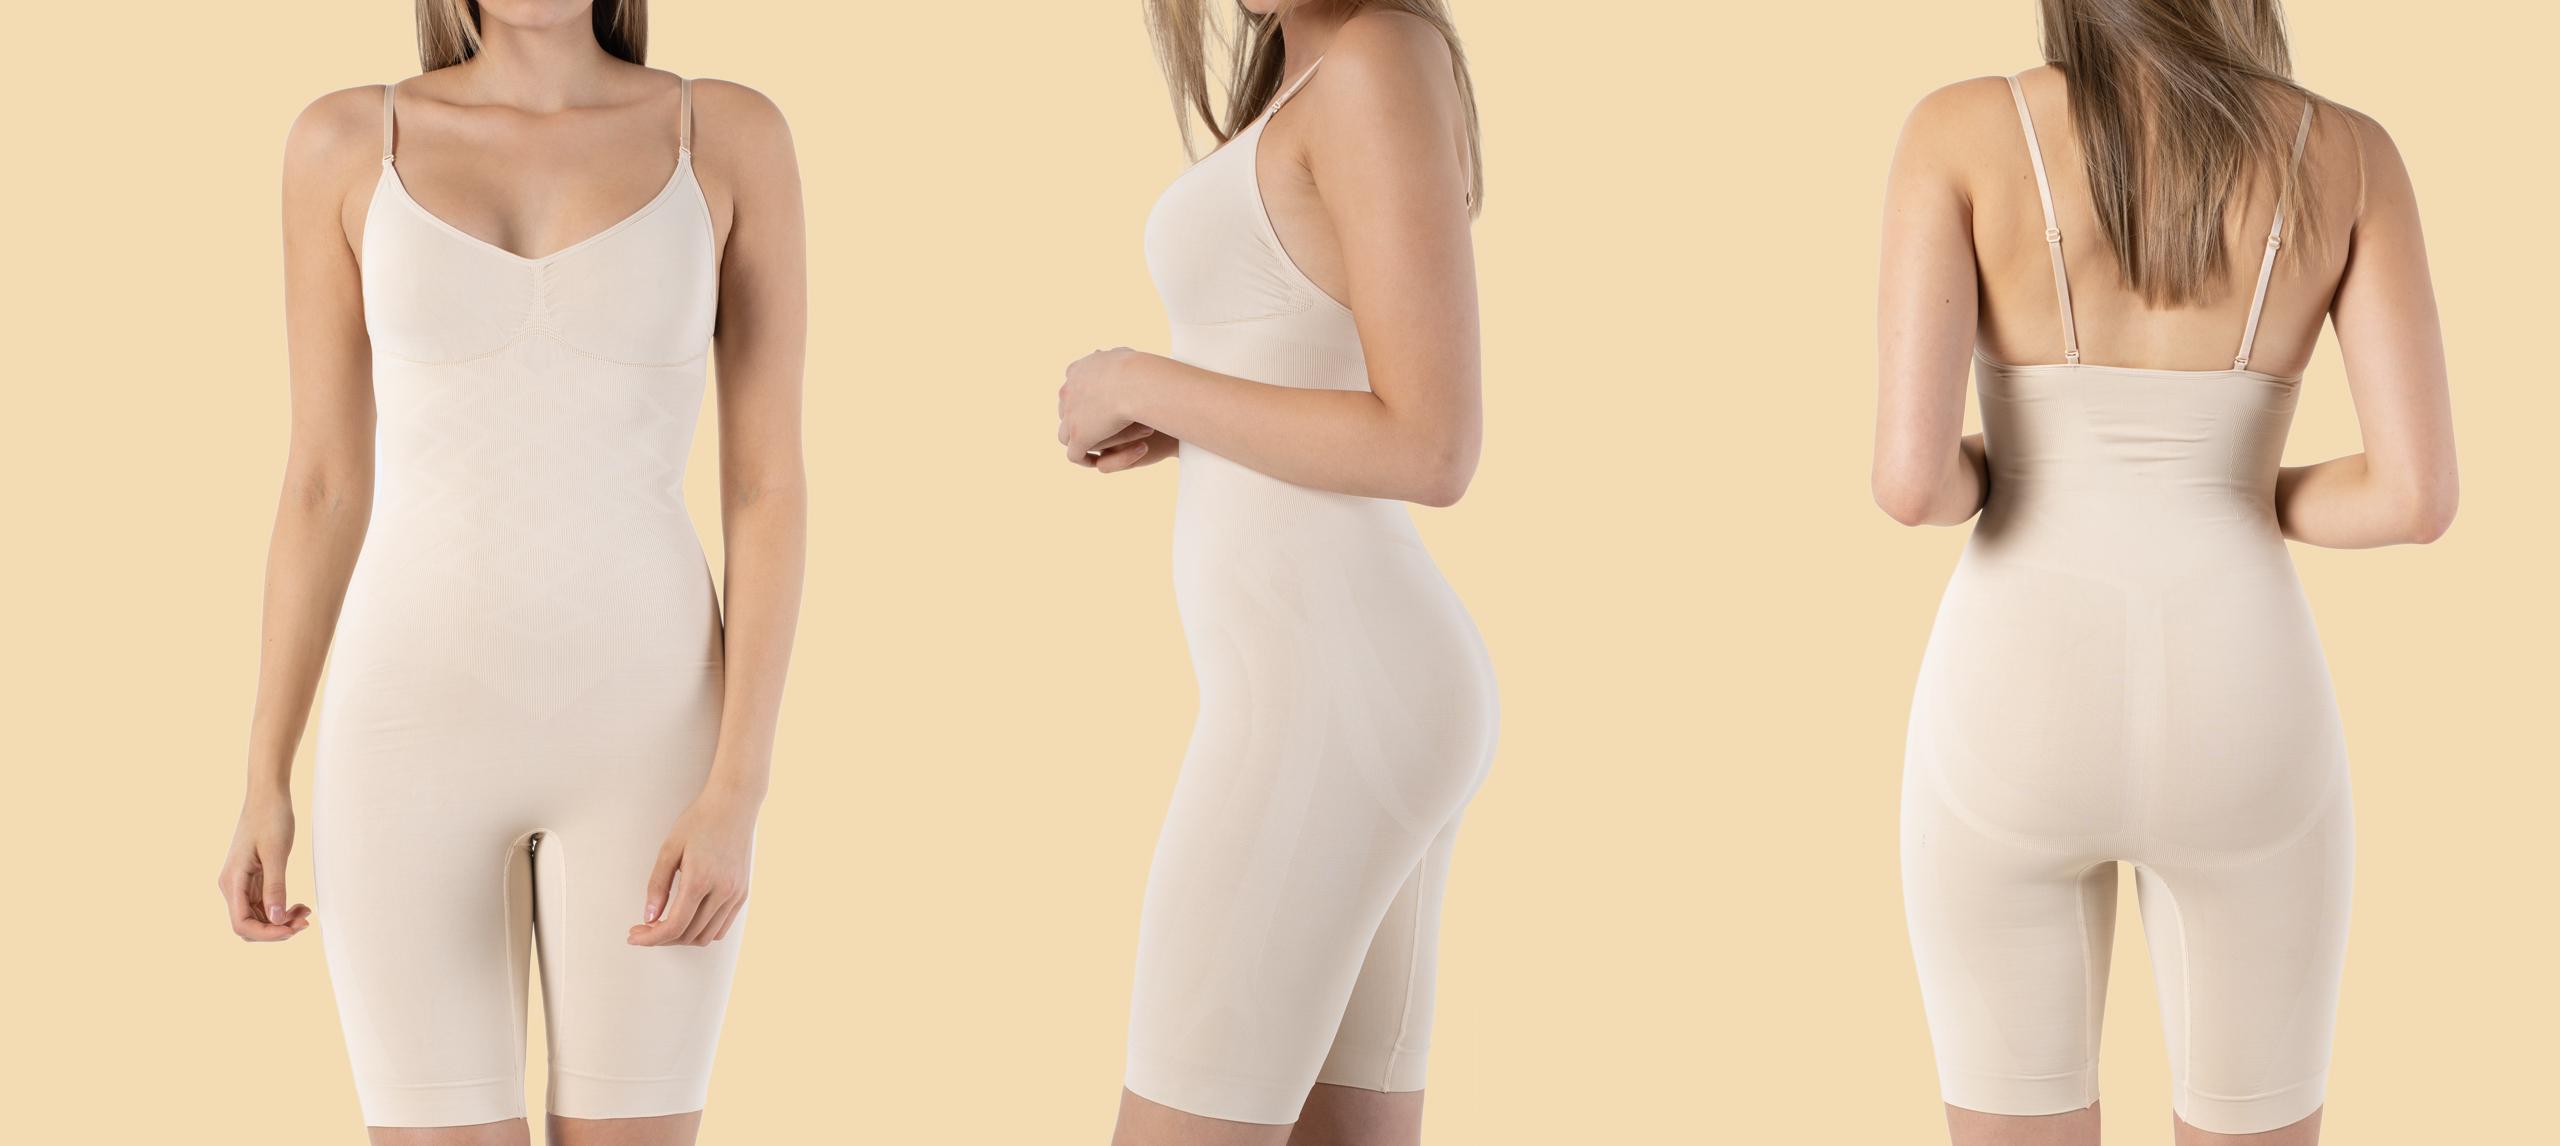 Можно ли похудеть, если носить утягивающее белье фото